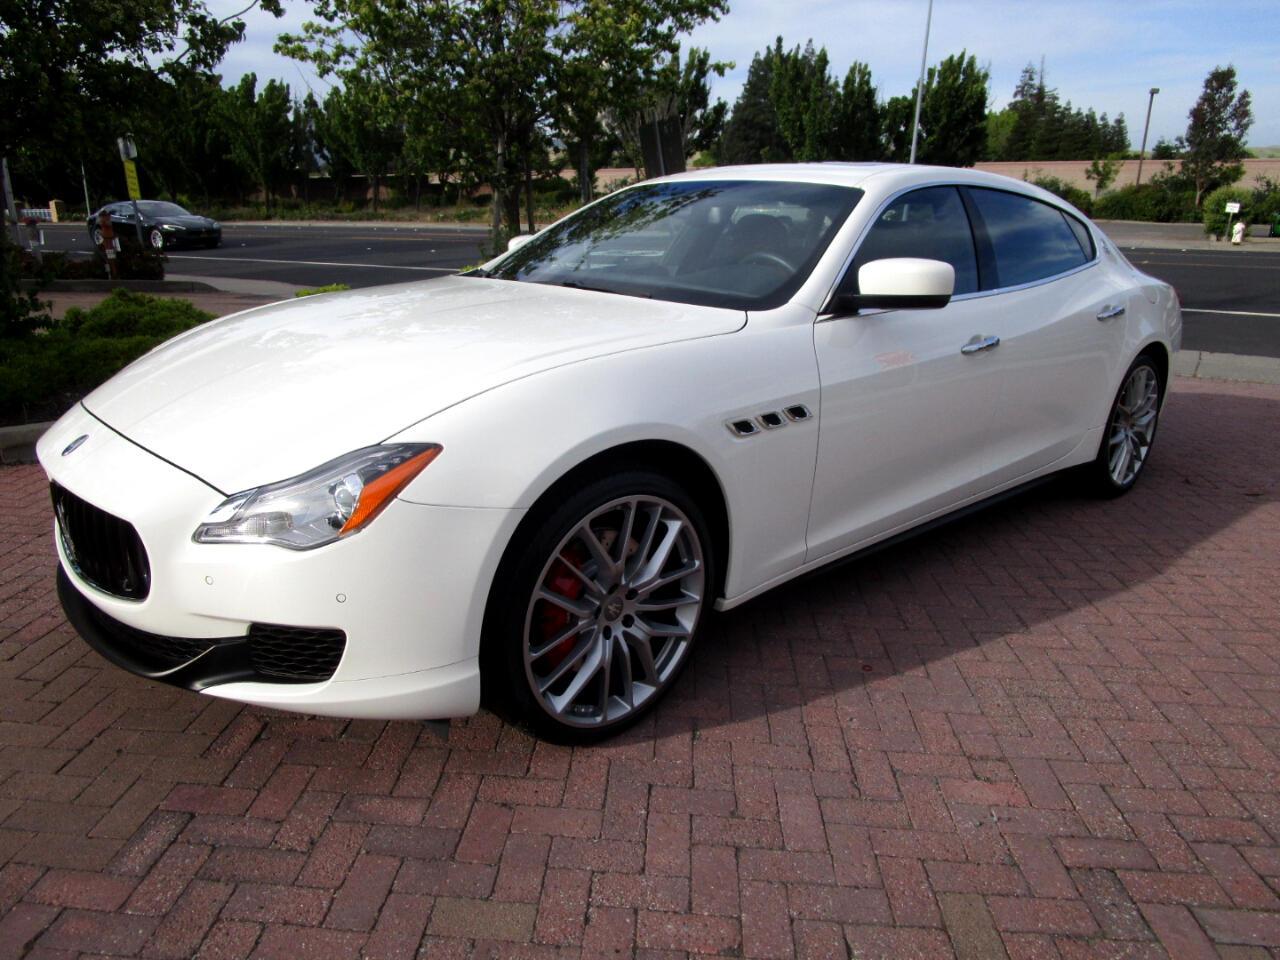 2016 Maserati Quattroporte S SPORT**HEAT-AC SEATS*REAR HEAT SEATS*BLIND SPOT*